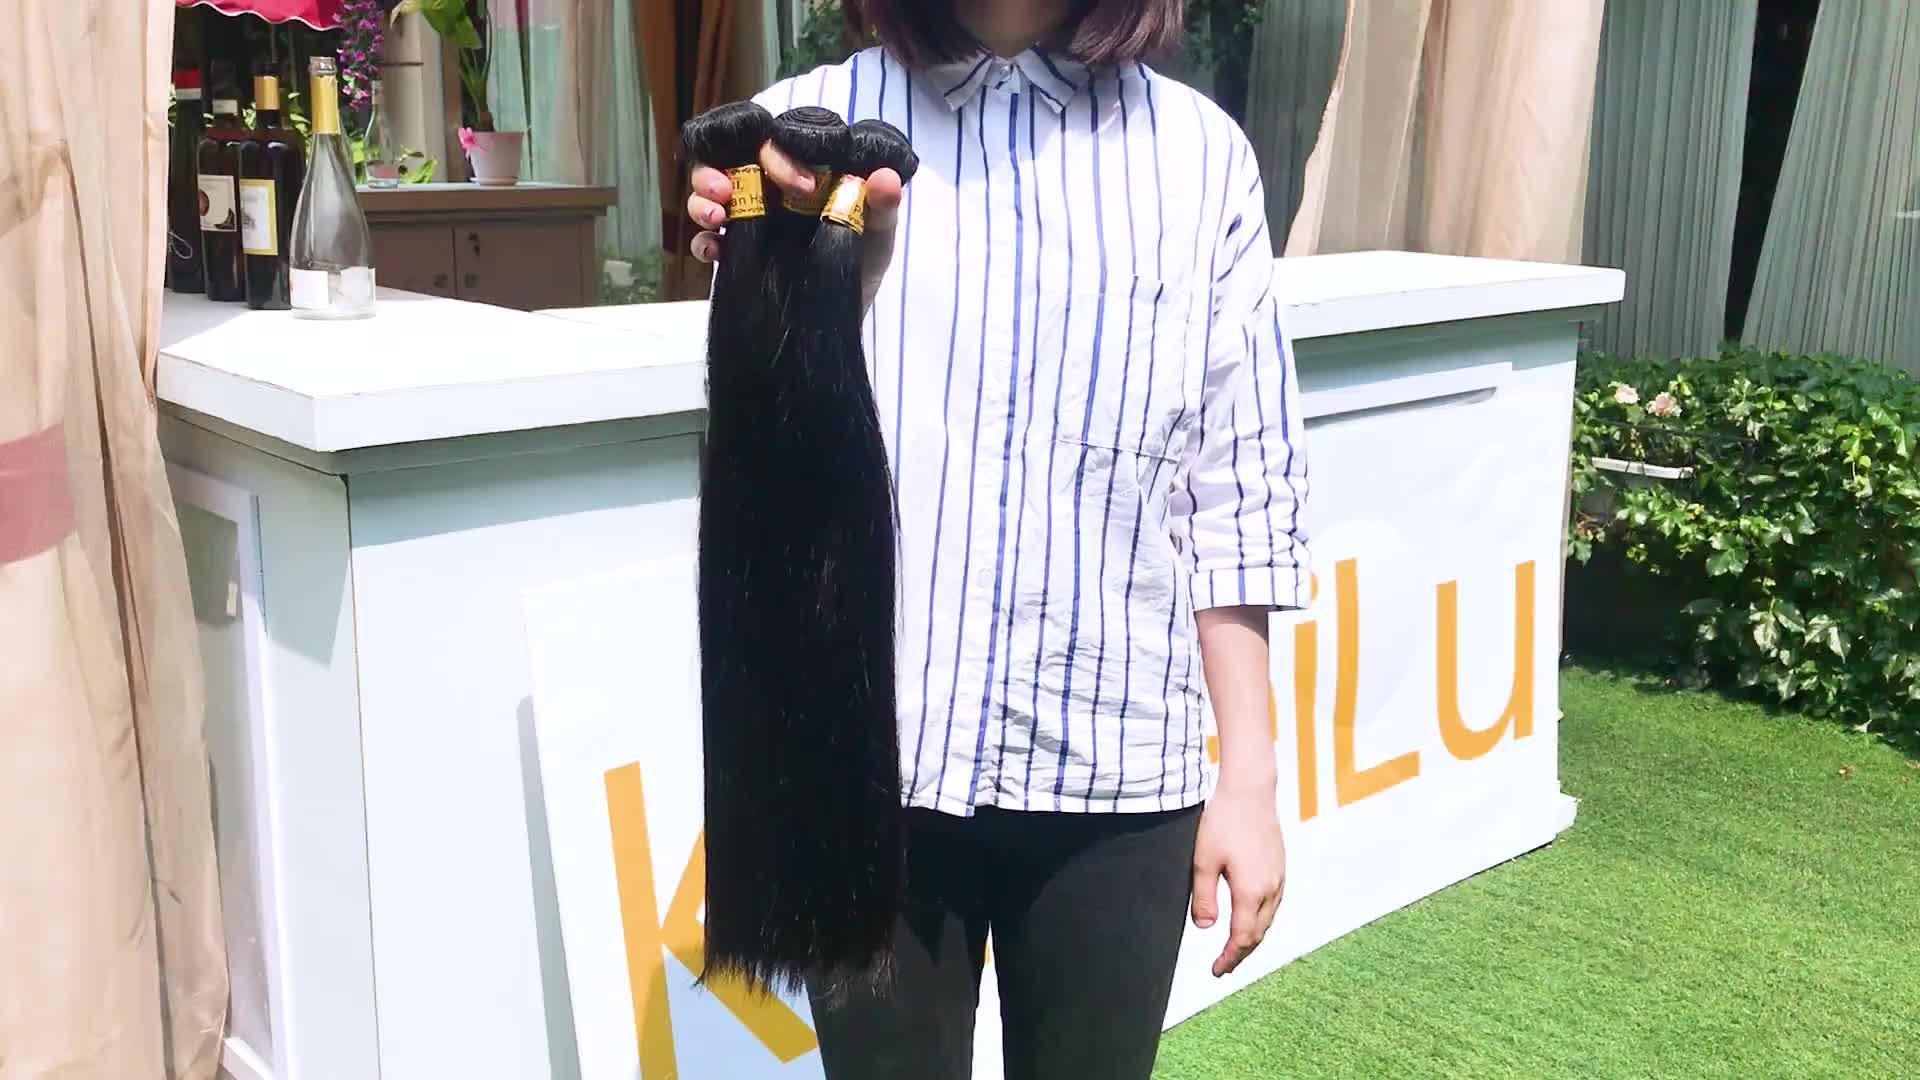 ขายส่ง virgin peruvian hair extension มนุษย์ตรง, 100% natural hair peruvian, 12a ดิบ virgin unprocessed yaki straight hair